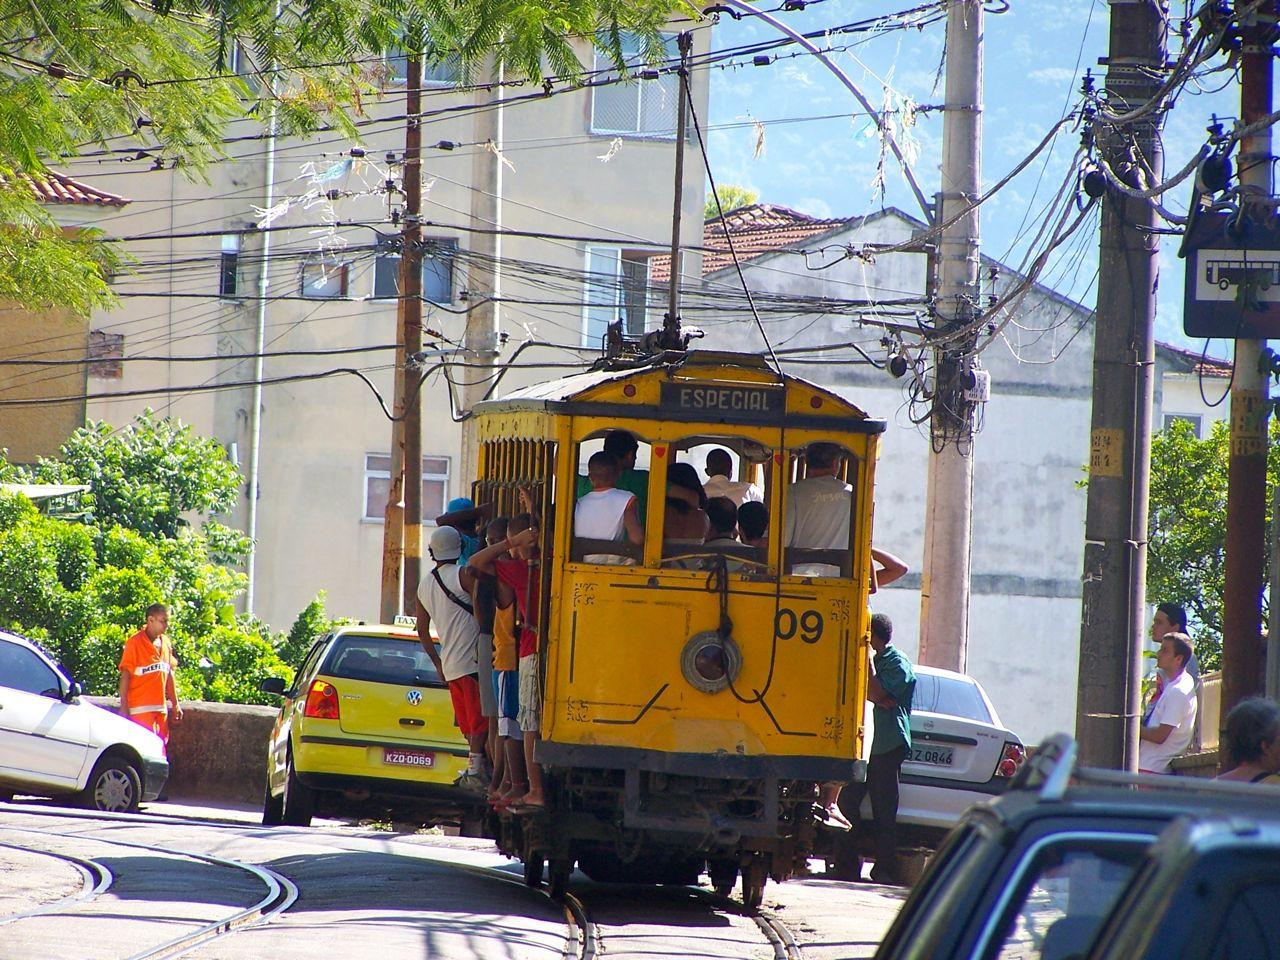 Tram, Rio